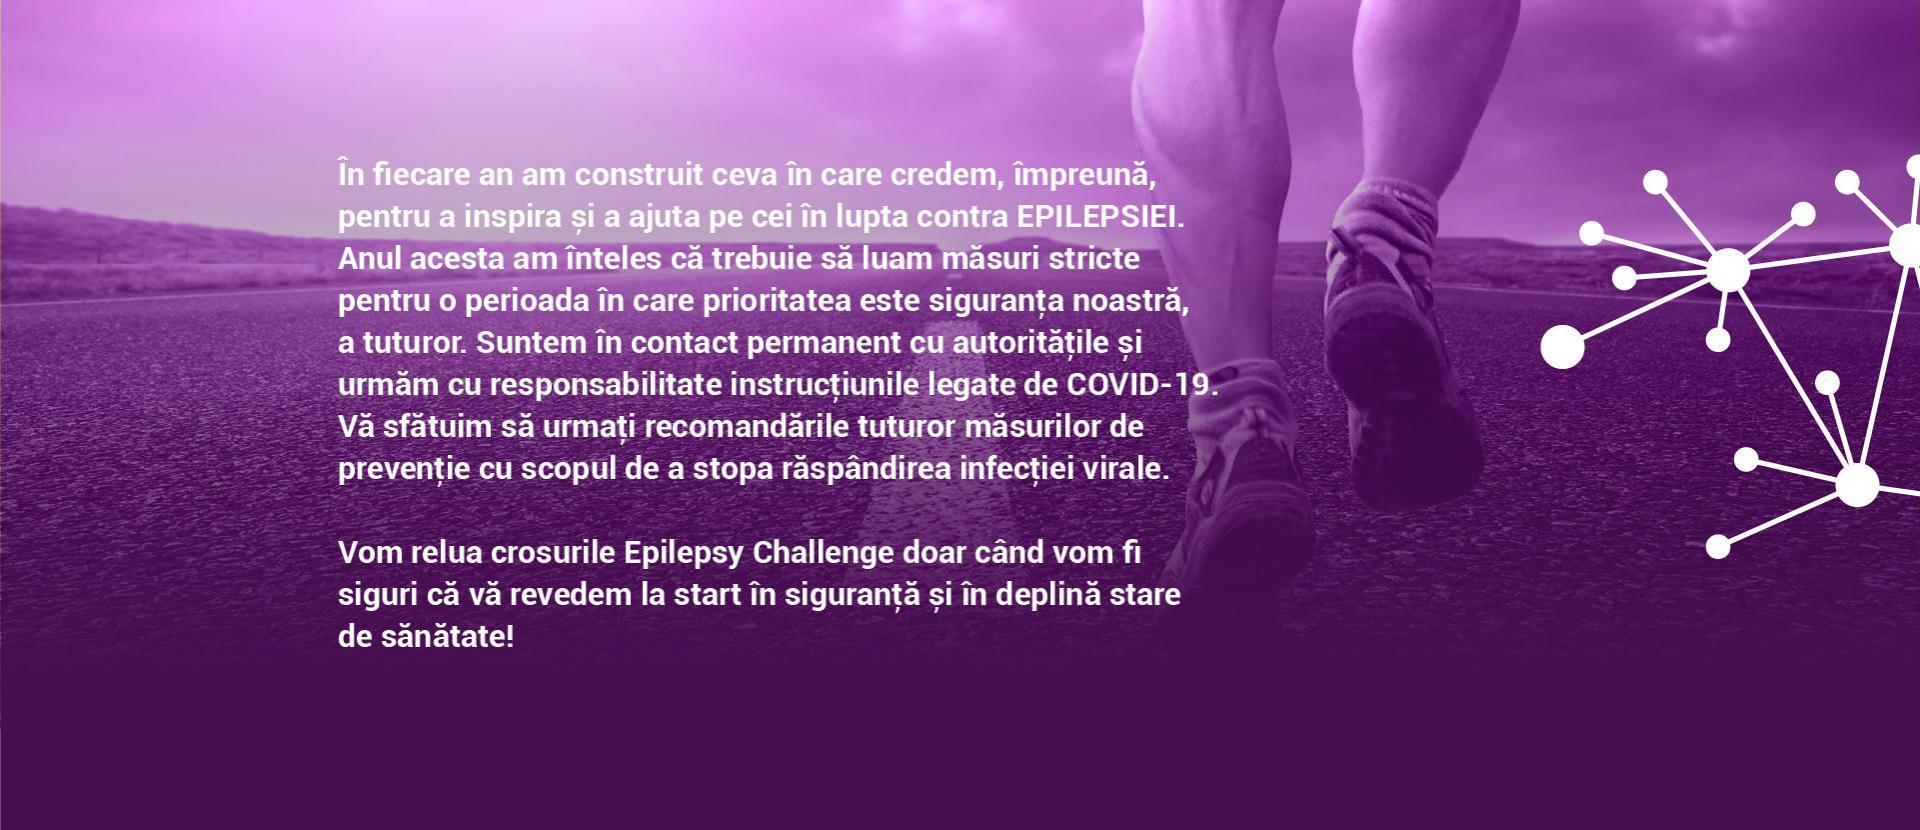 Epilepsy Chalange